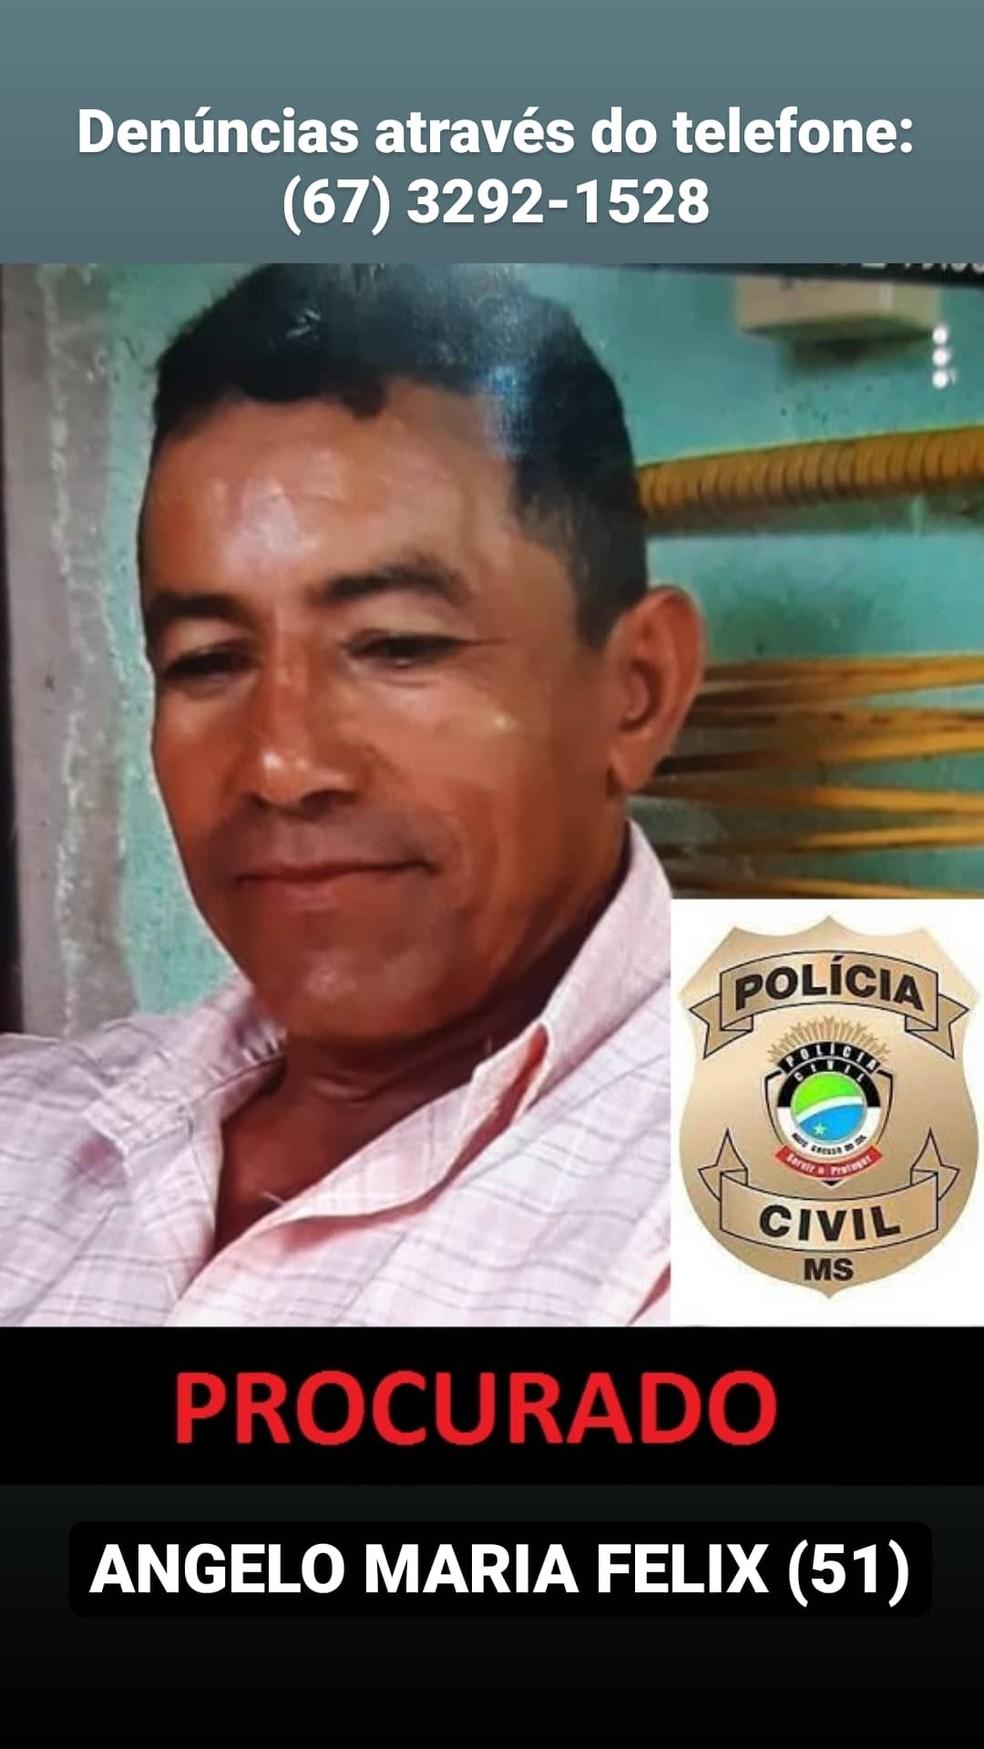 Homem teve a prisão preventiva decretada e está foragido; polícia recebe informações em sigilo — Foto: Polícia Civil/Divulgação